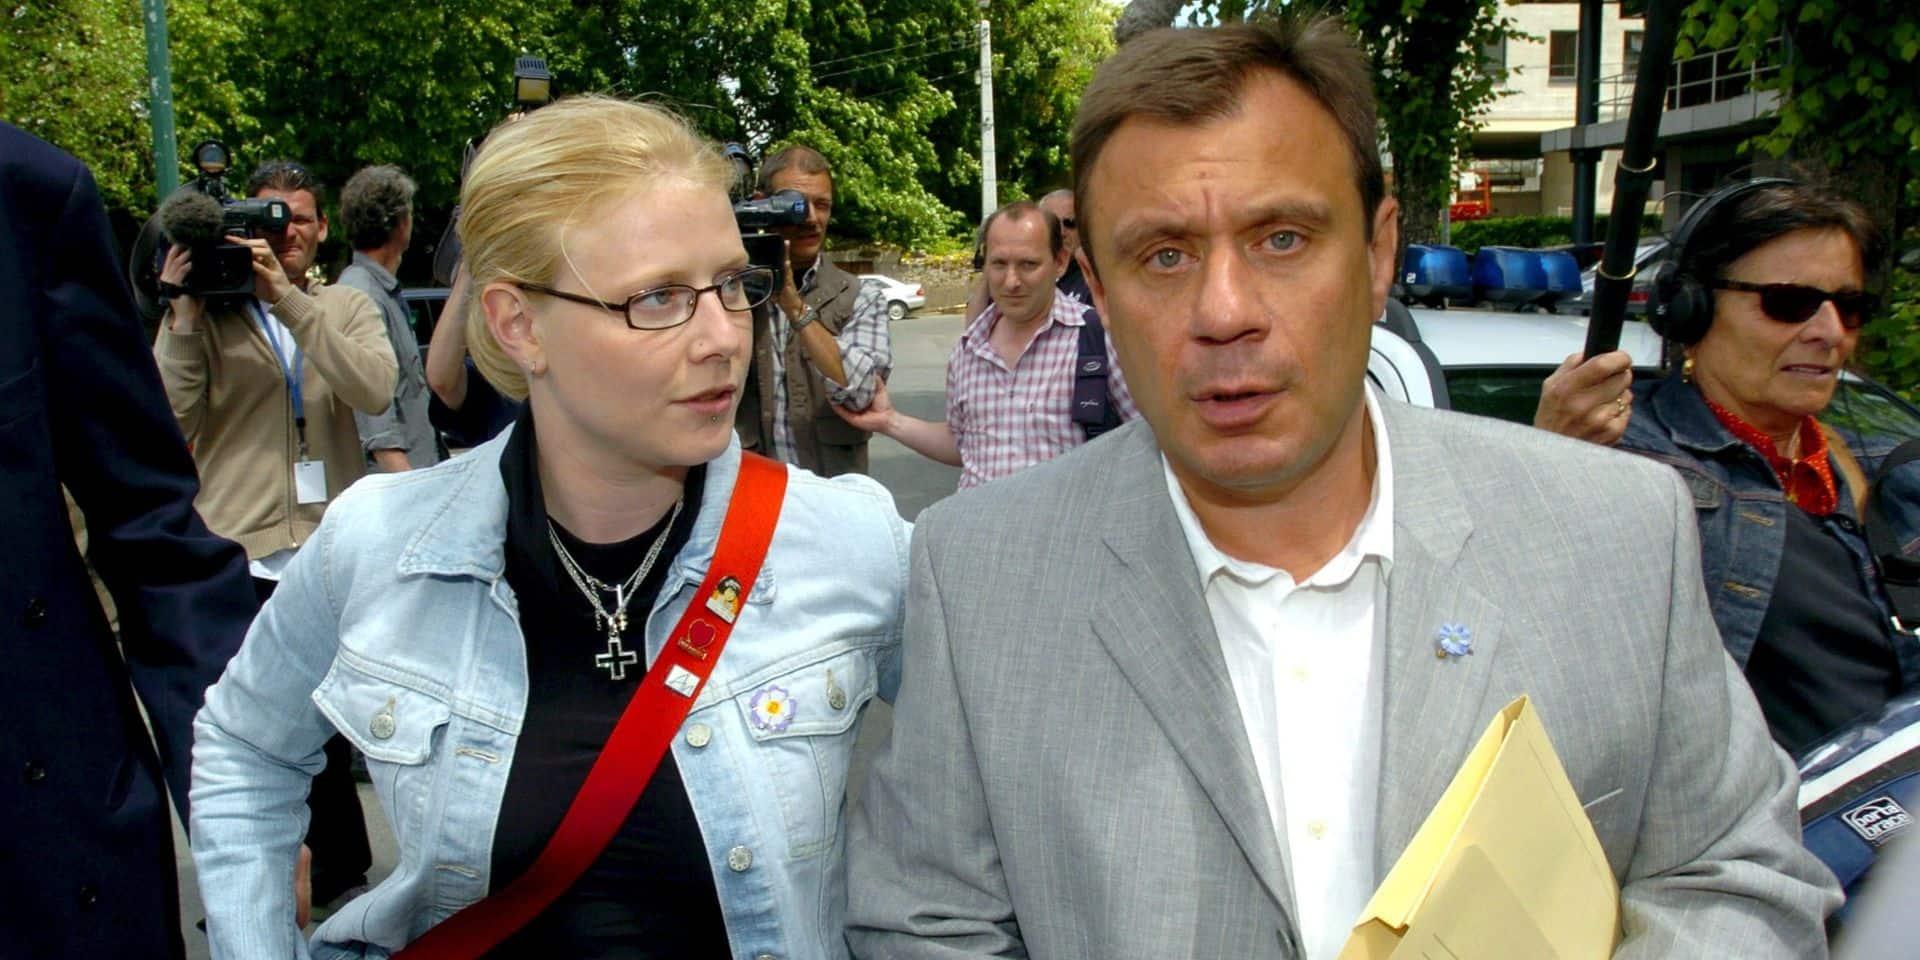 Demande de libération de Dutroux : la lettre de Laetitia Delhez et Jean-Denis Lejeune à la justice